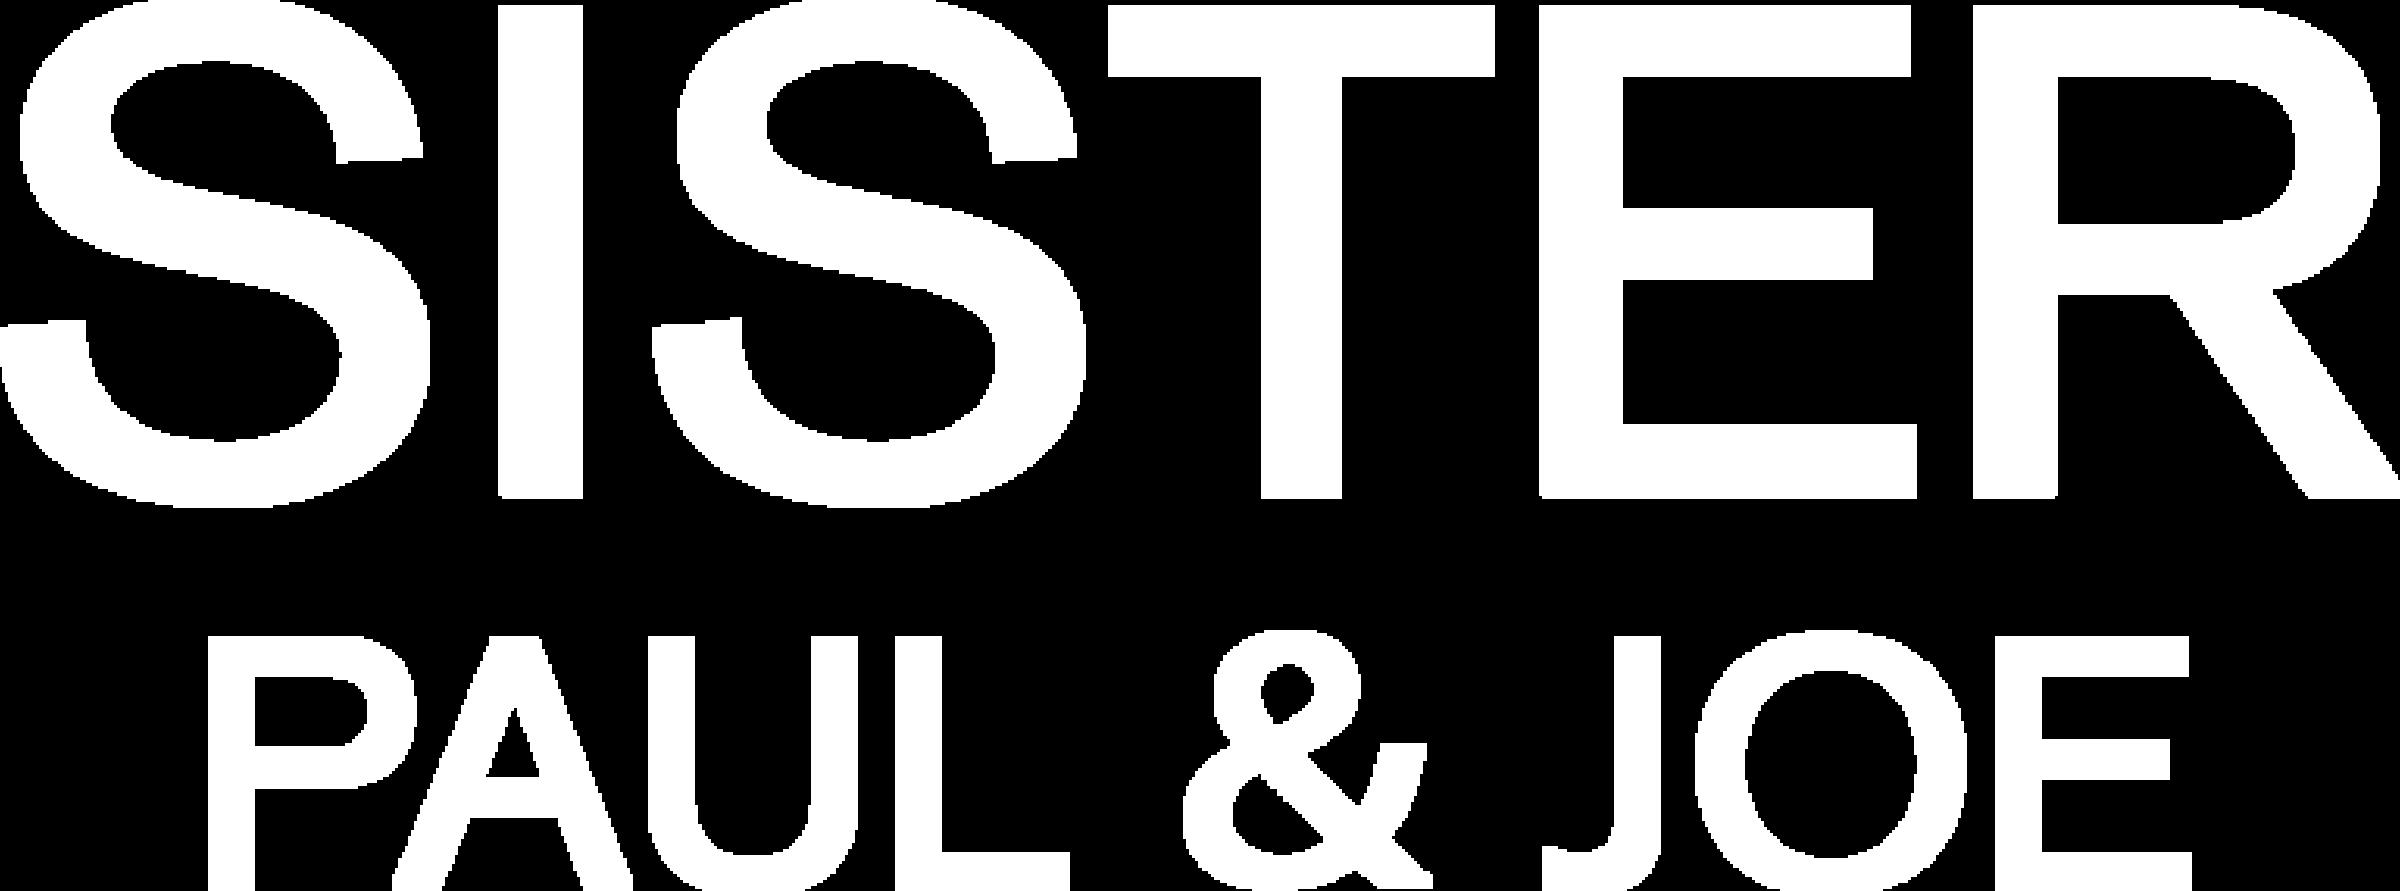 Paul & Joe sister Logo